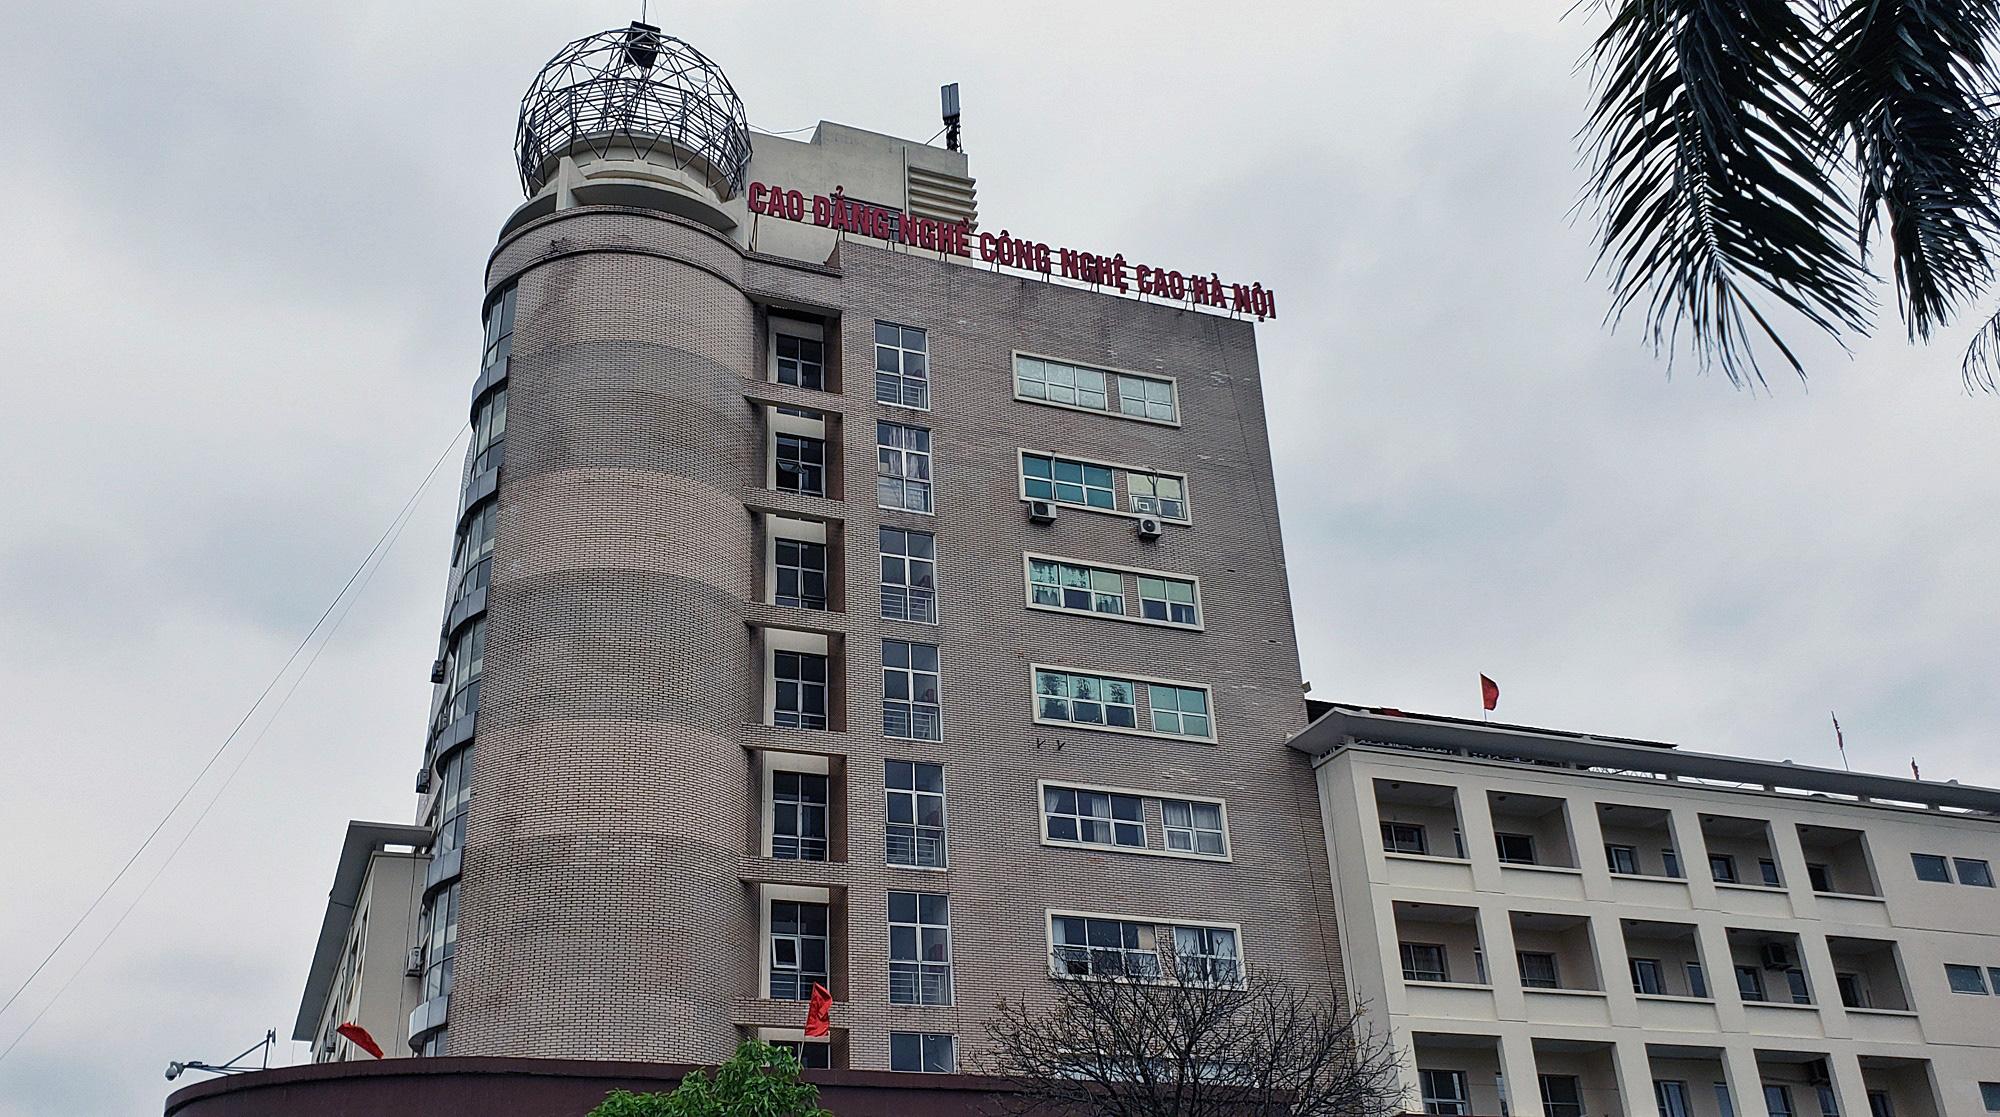 Cận cảnh khu cách li tập trung cho 800 người ở trường Cao đẳng nghề Công nghệ cao Hà Nội - Ảnh 11.